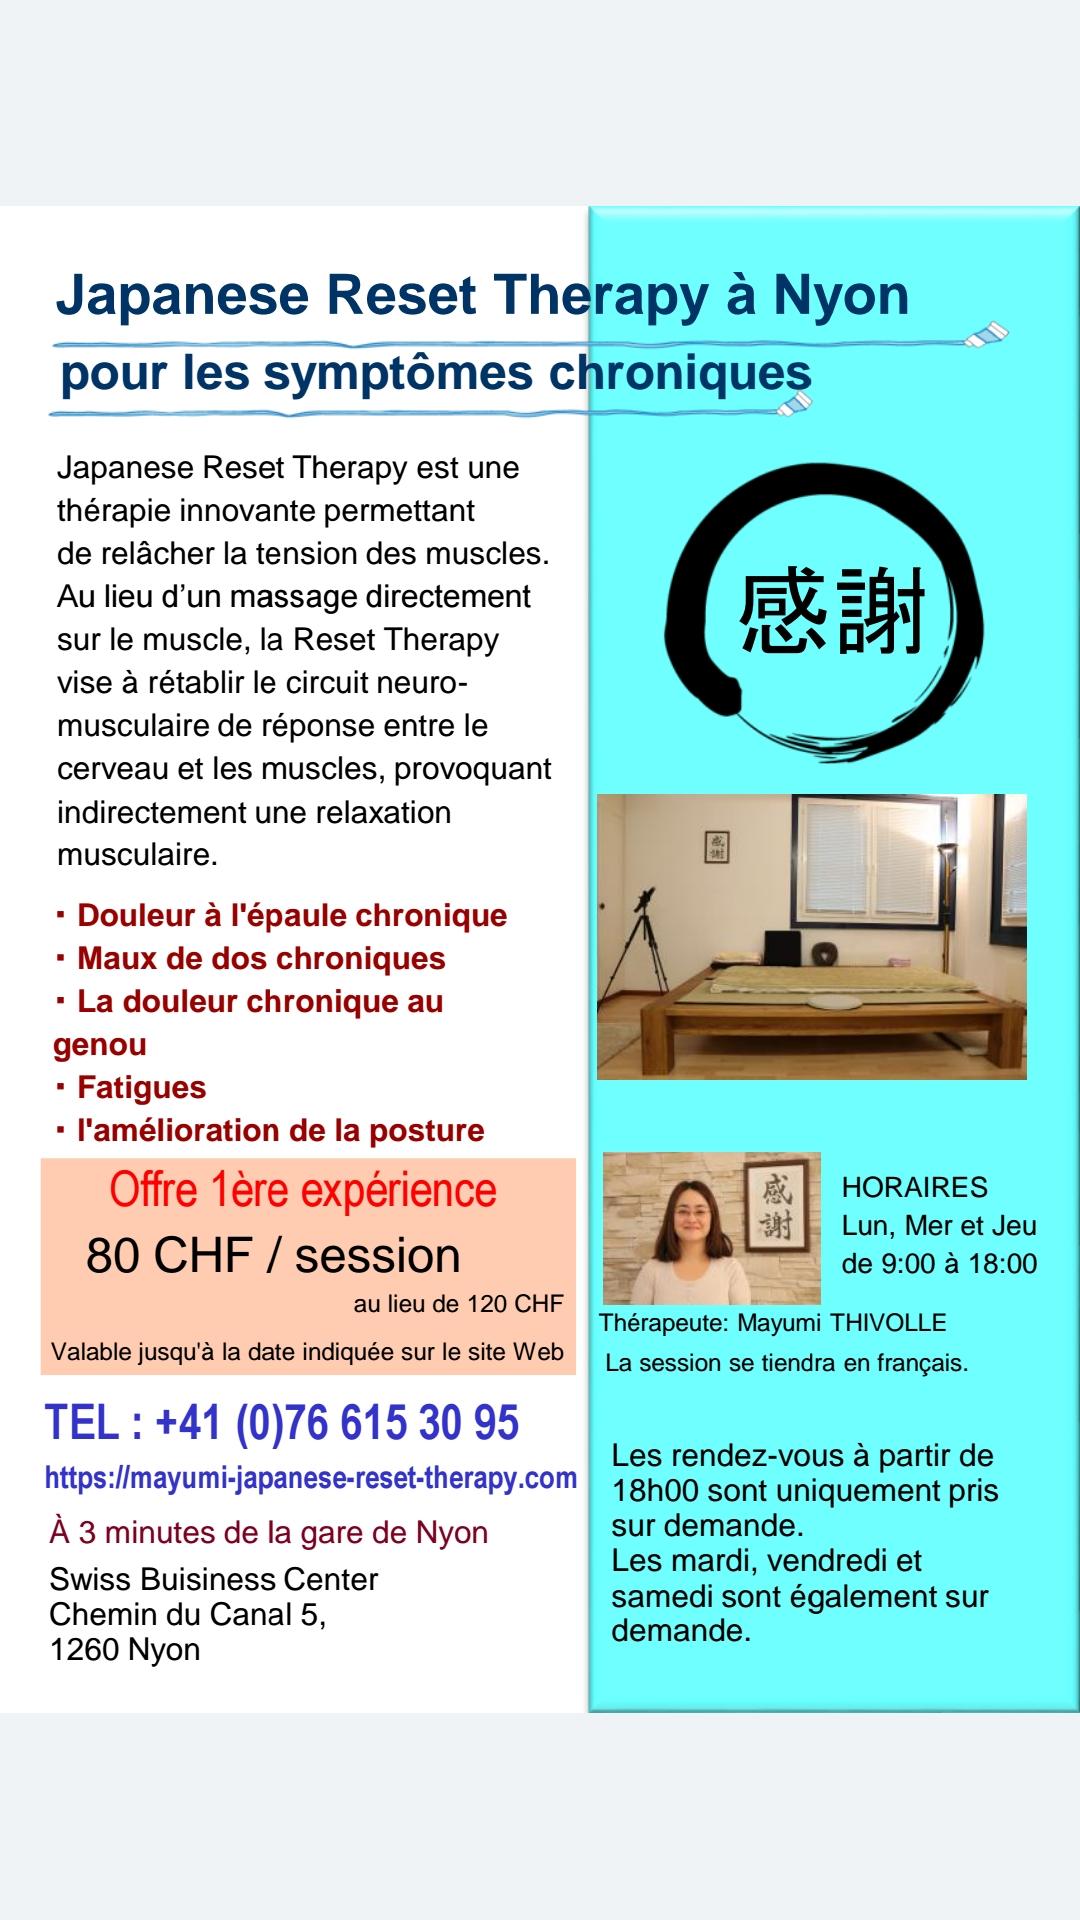 SwissJoho (En) | Japanese Reset Therapy